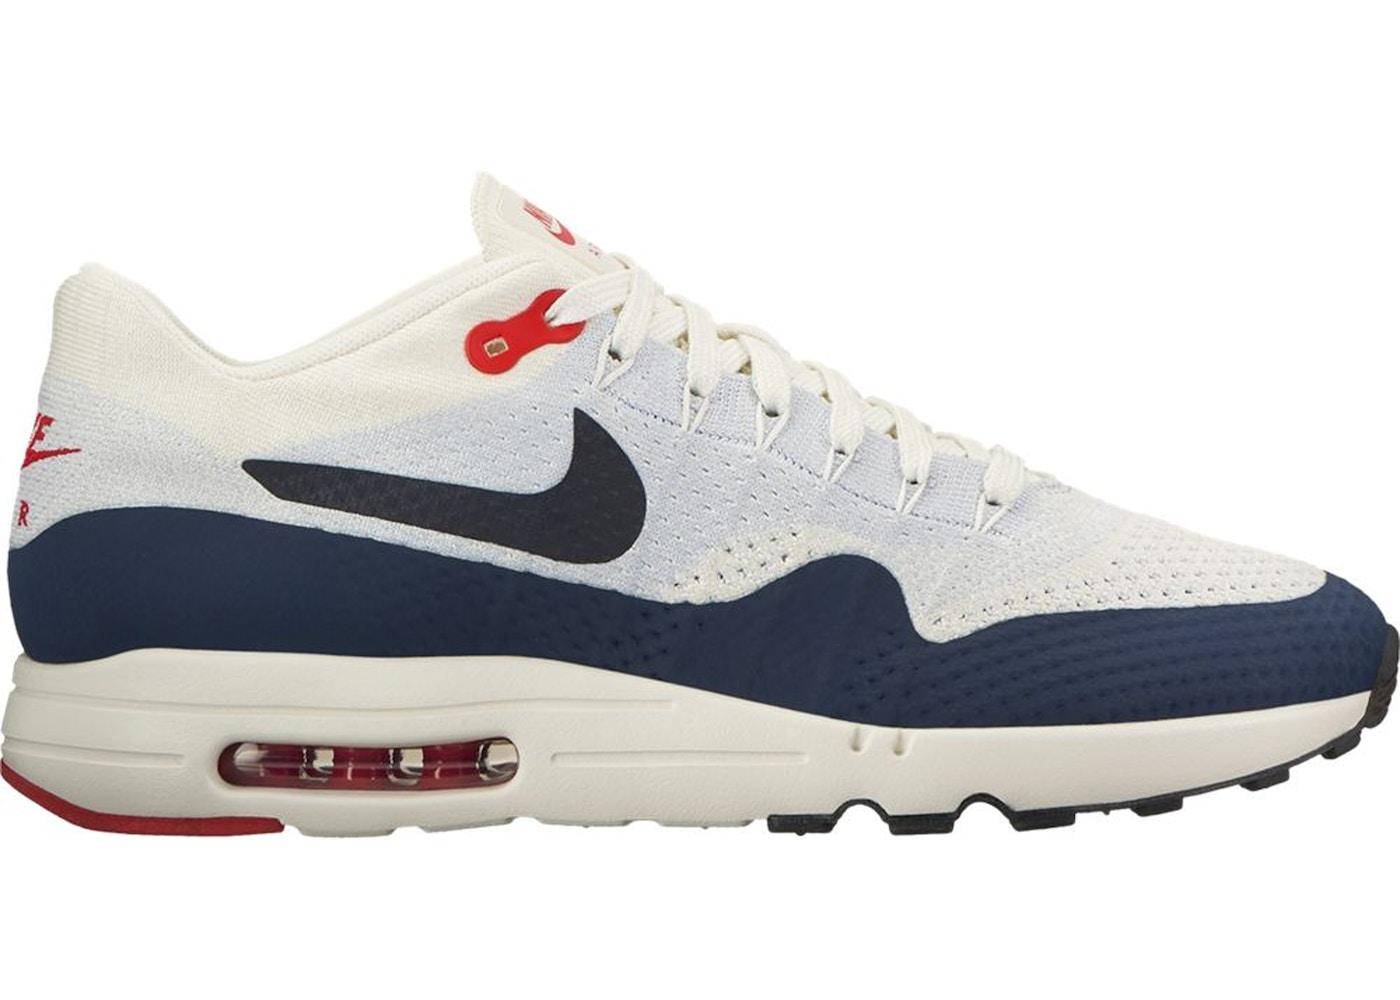 Nike Air Max 1 Shoes - New Highest Bids ab0e98a3e